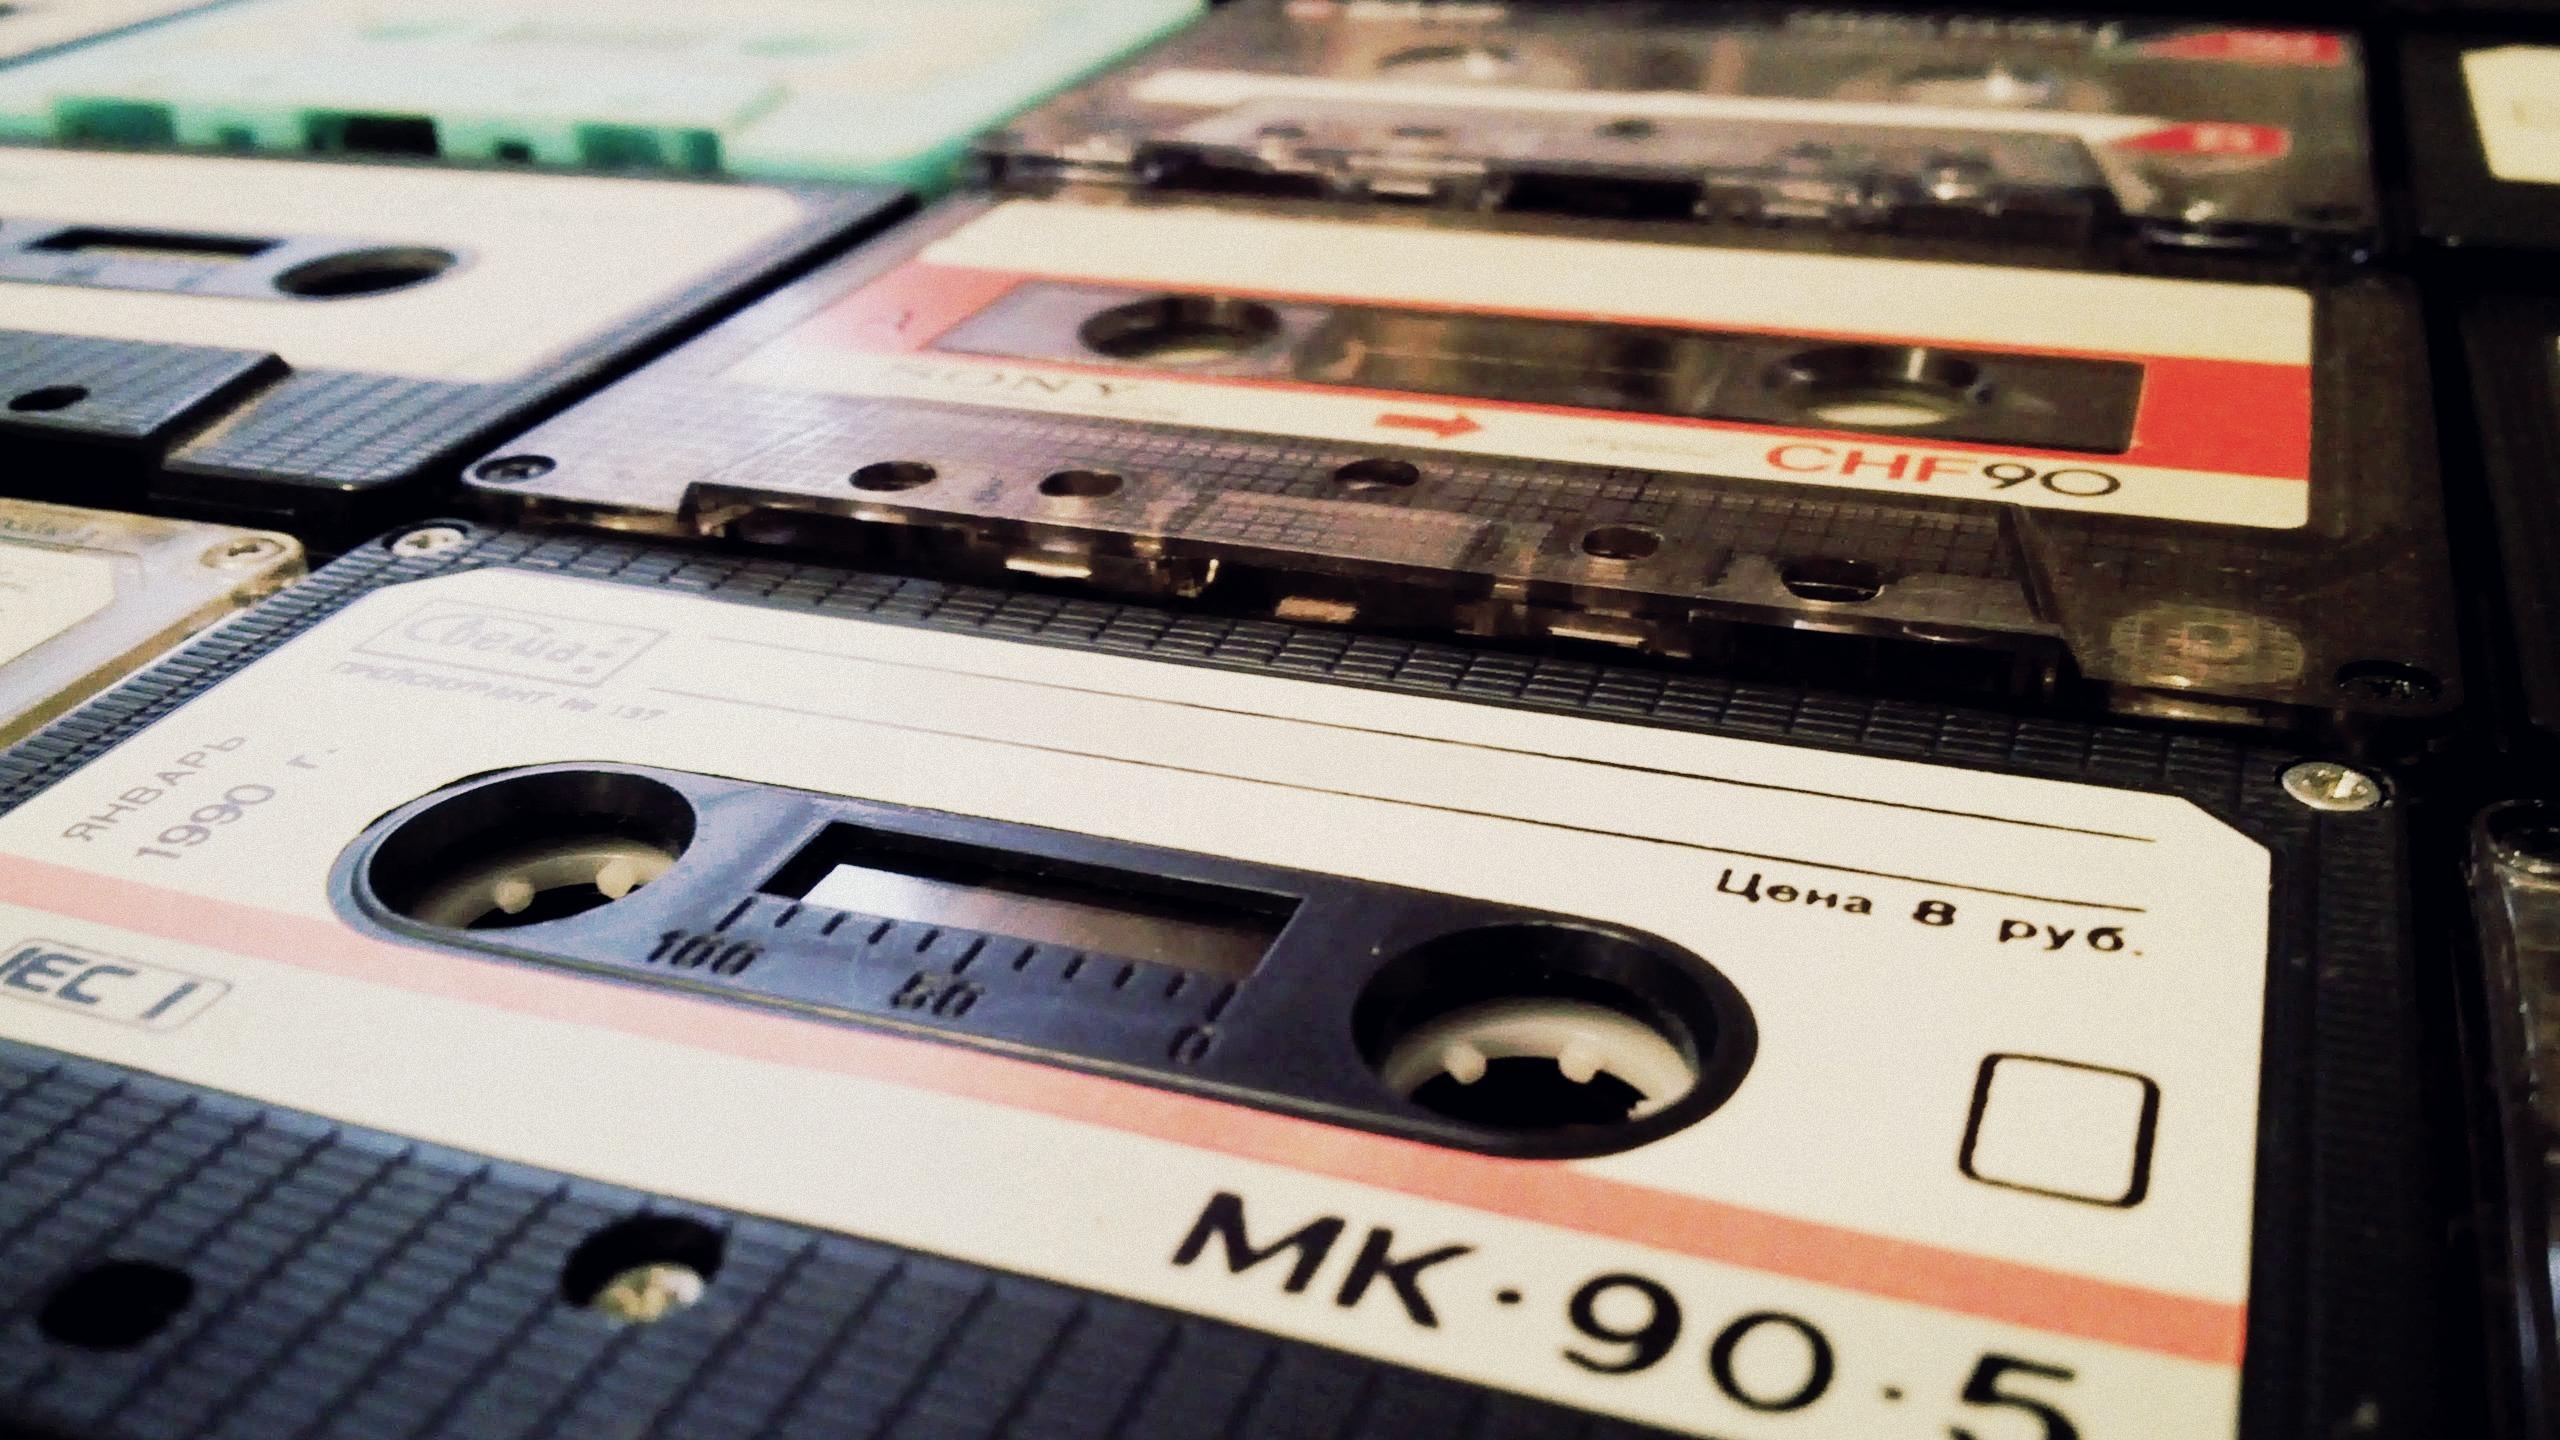 картинки кассет старых общаются отрядам